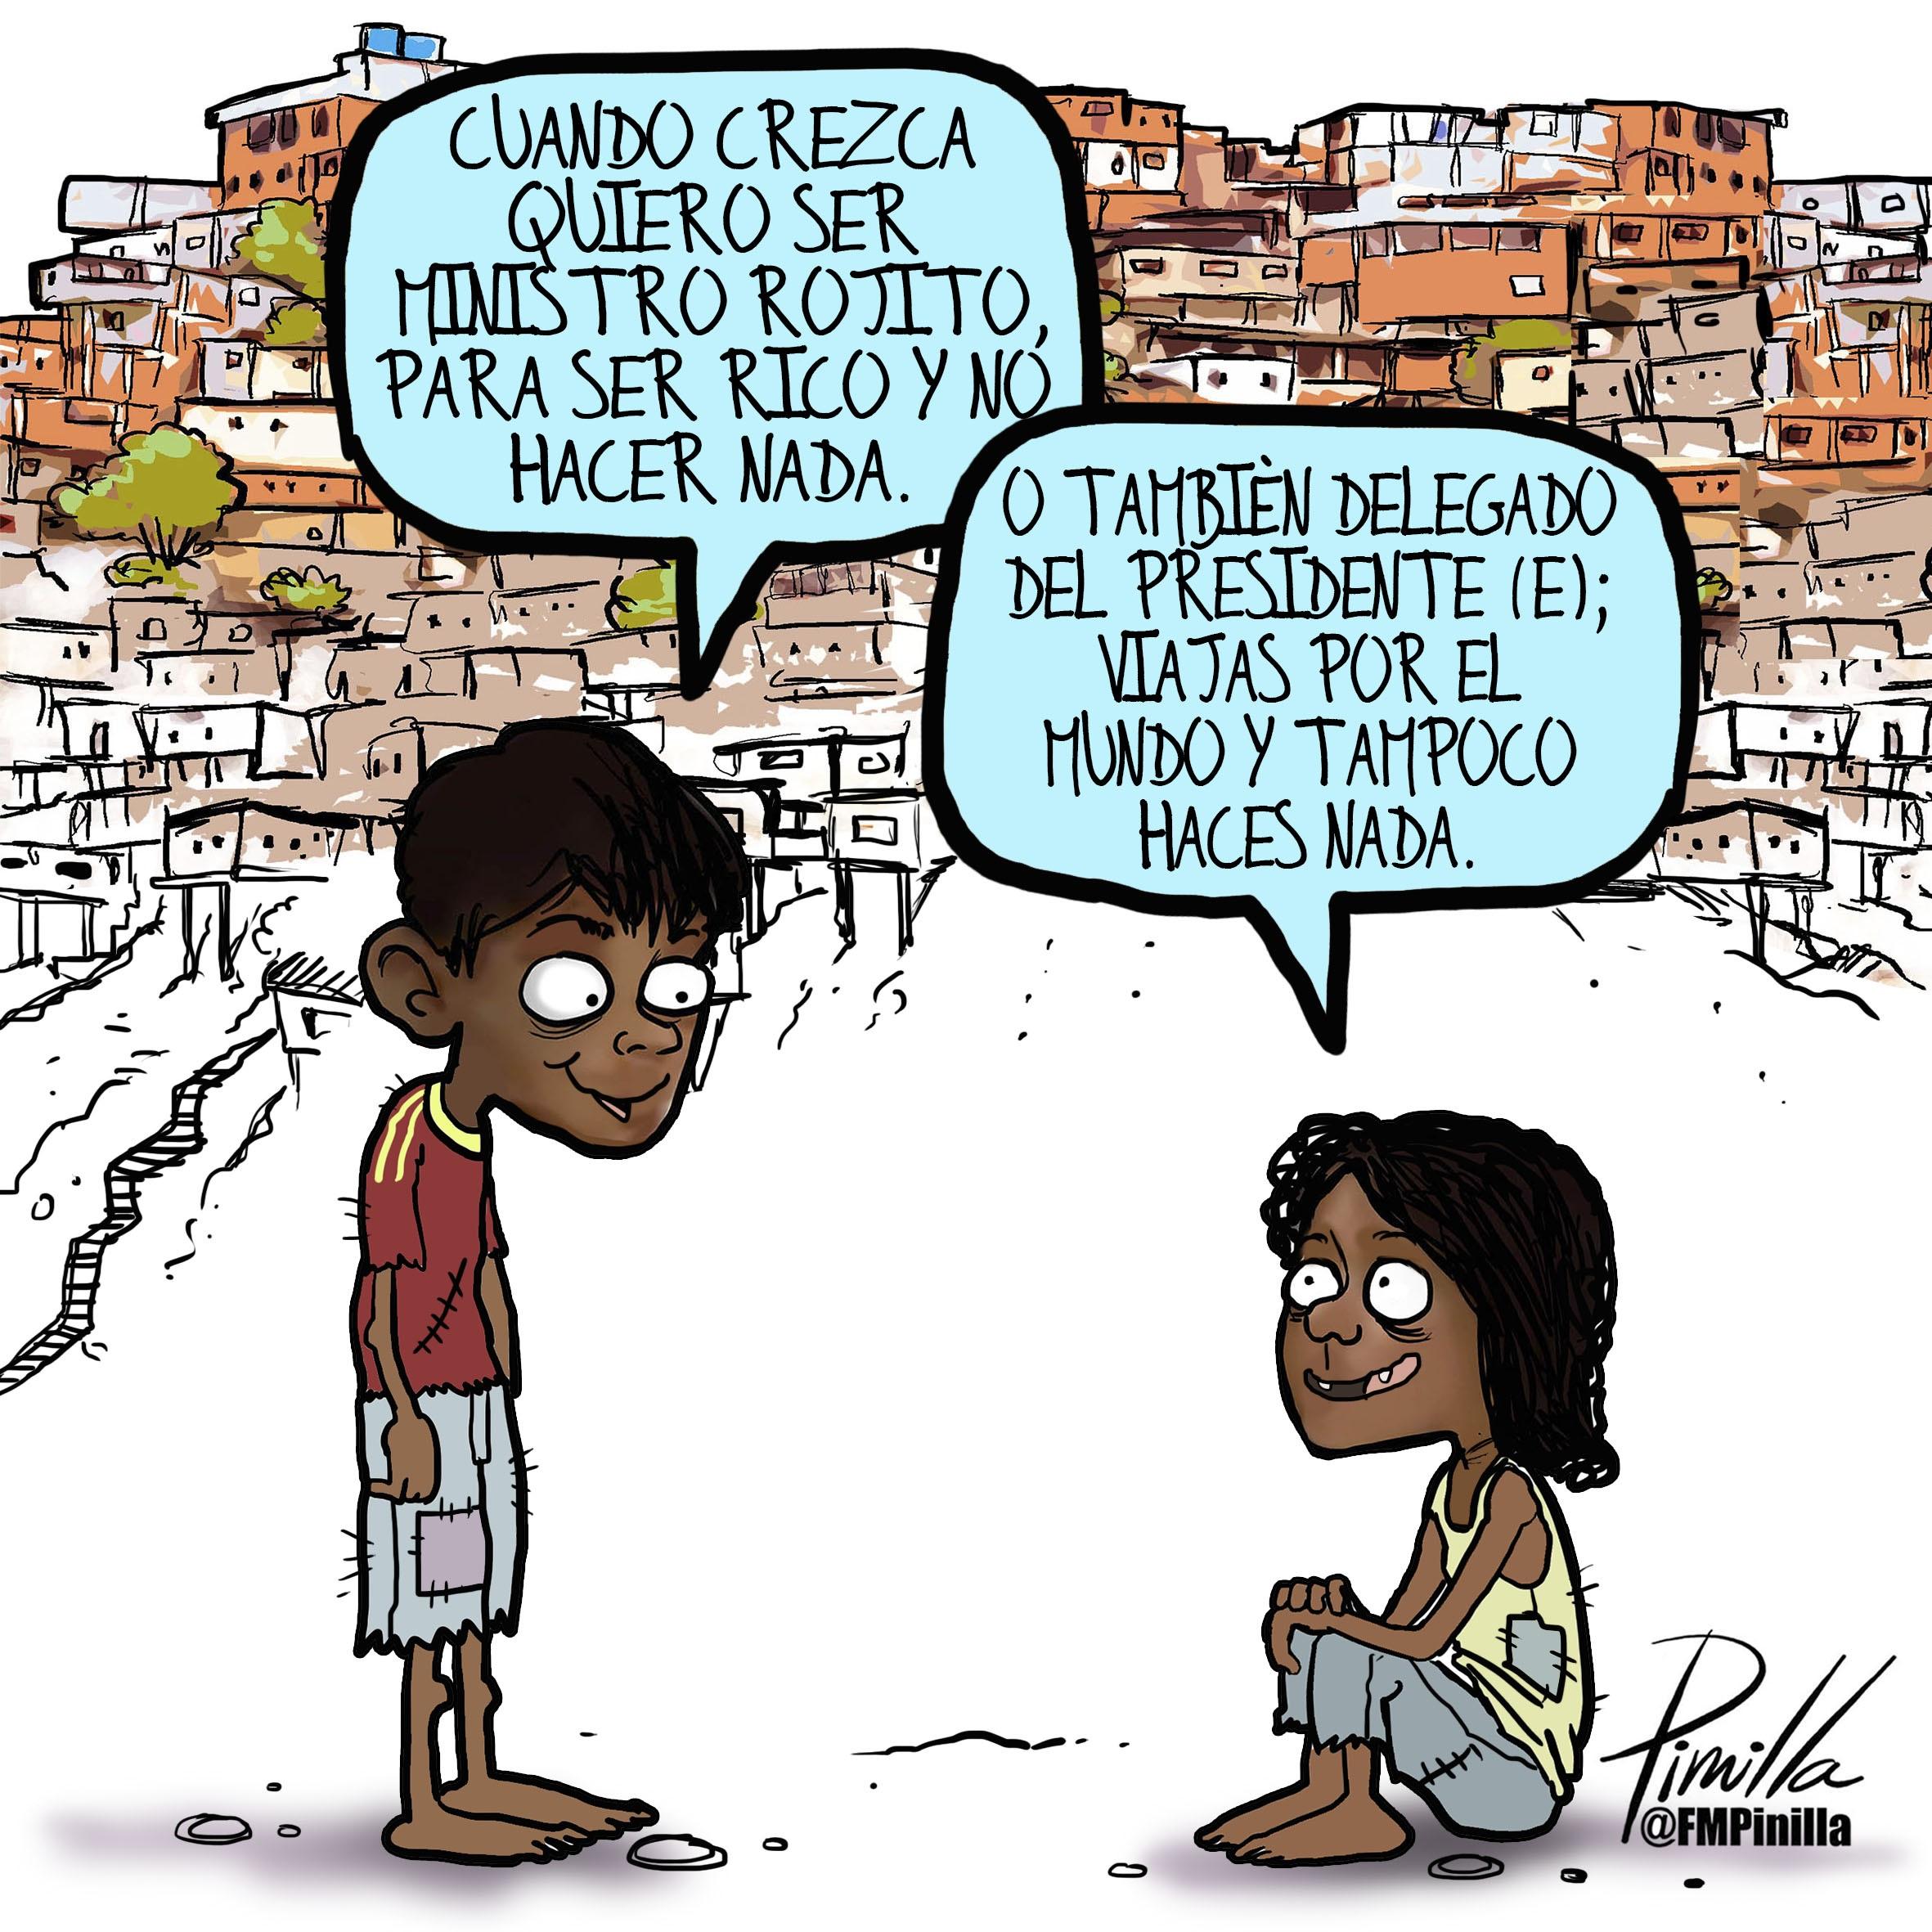 Gobierno (interino) de Juan Guaidó - Página 6 Pinilla-cuando-crezca-quiero-ser...